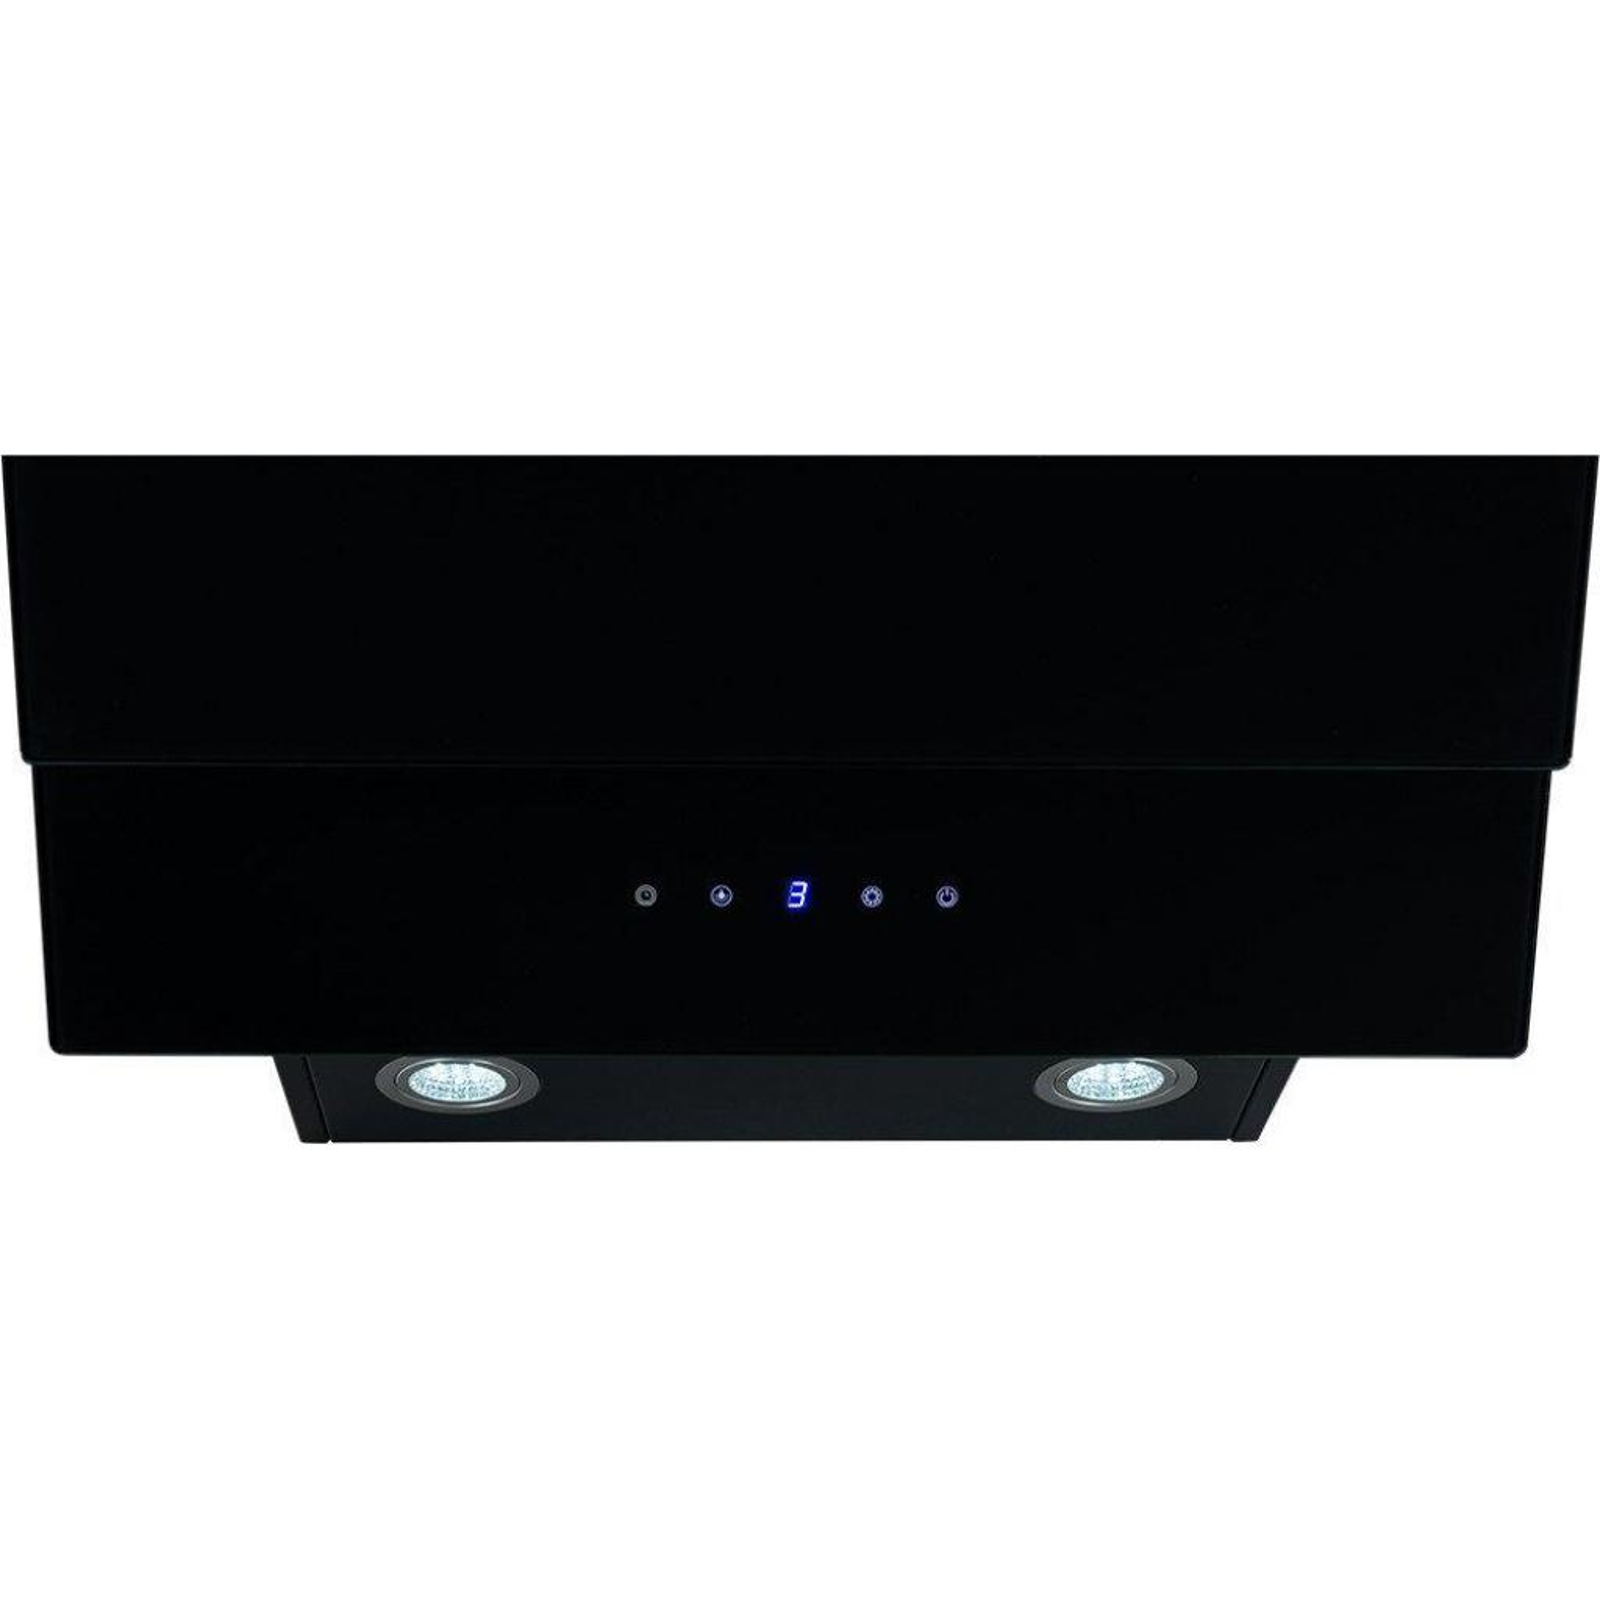 Вытяжка кухонная MINOLA HVS 6642 BL 1000 LED изображение 4